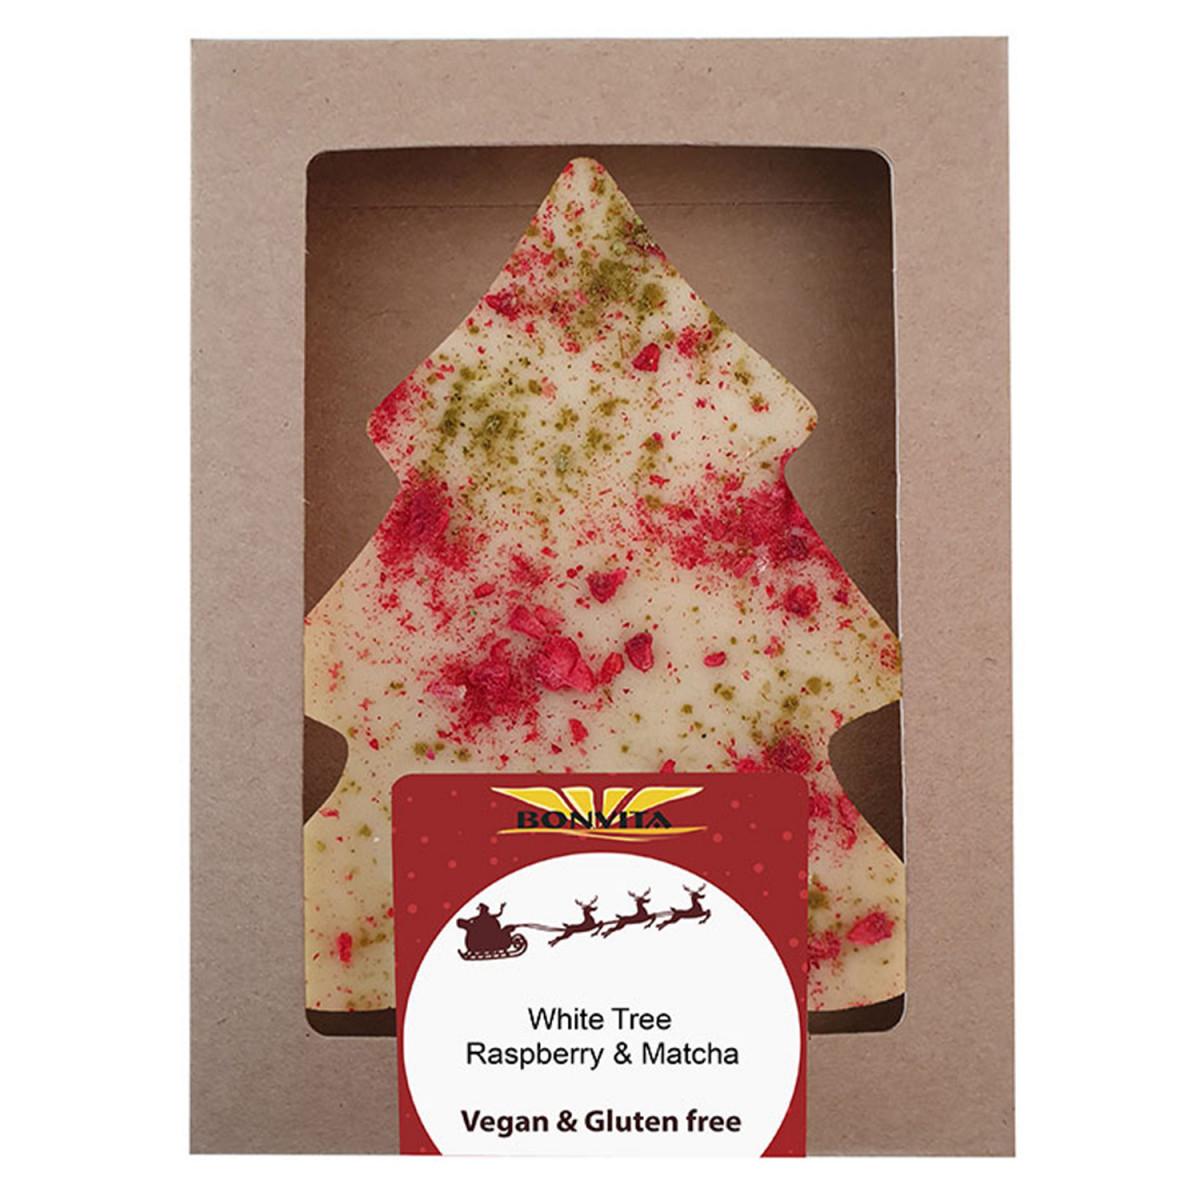 Vegan Chocolade Kerstboom Framboos & Matcha Wit